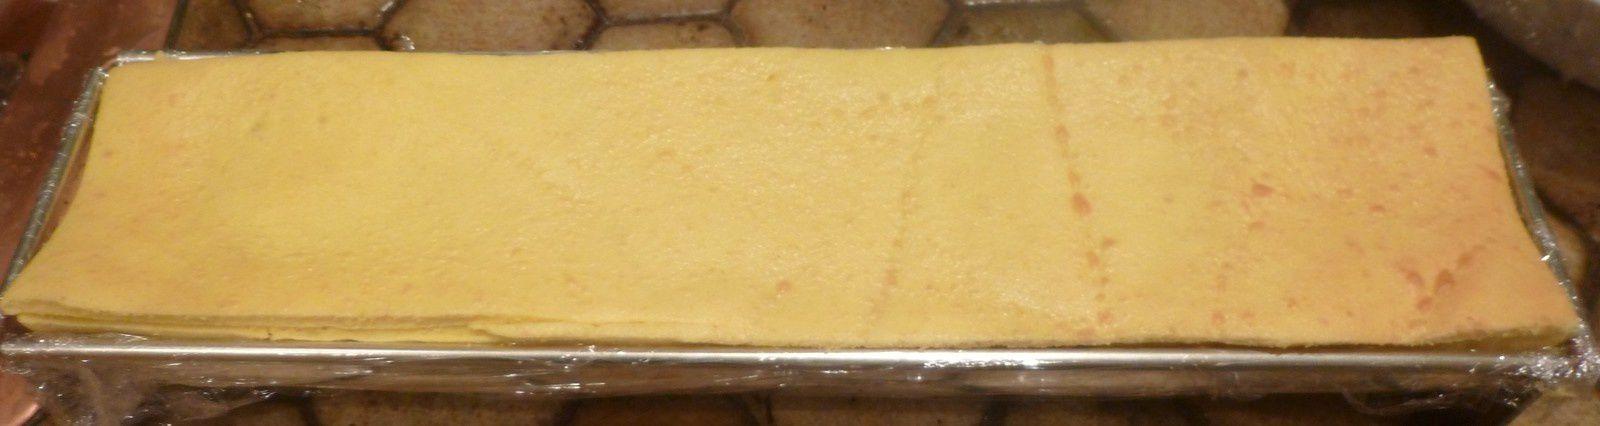 bûche mousse chocolat insert lemon curd,glaçage miroir chocolat